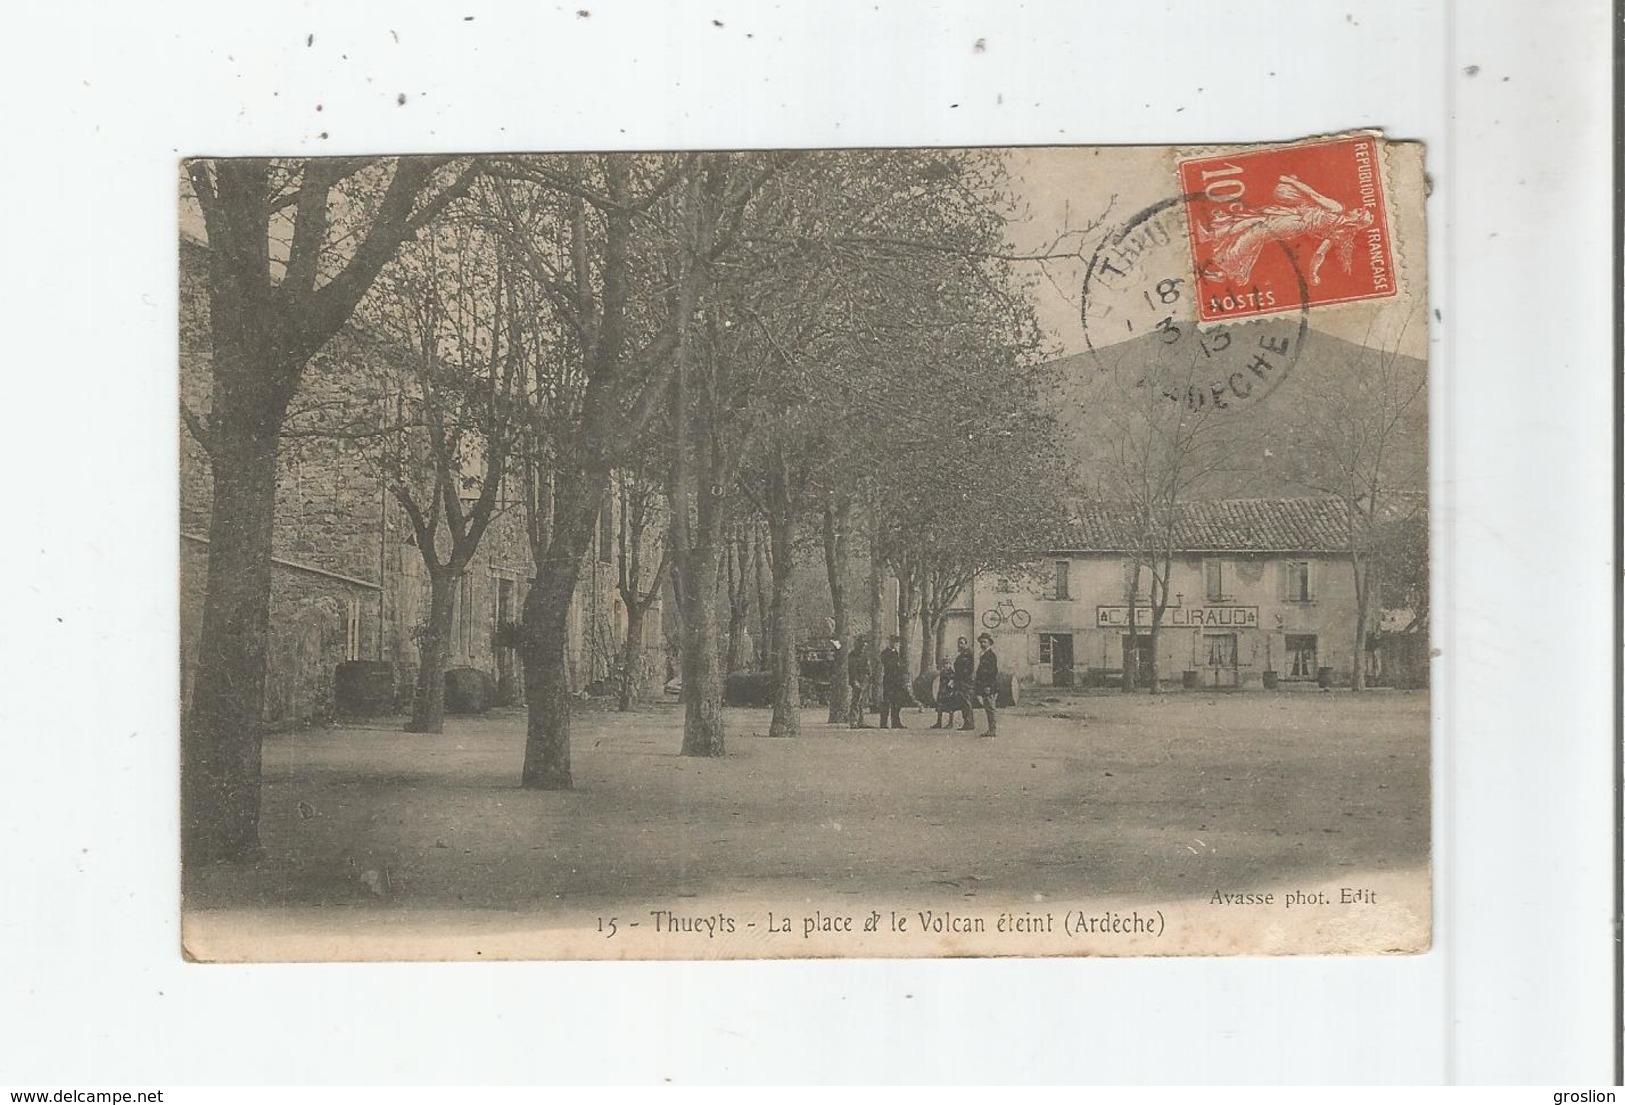 THUEYTS 15 LA PLACE ET LE VOLCAN ETEINT (ARDECHE) CAFE CIRAUD 1913 - France